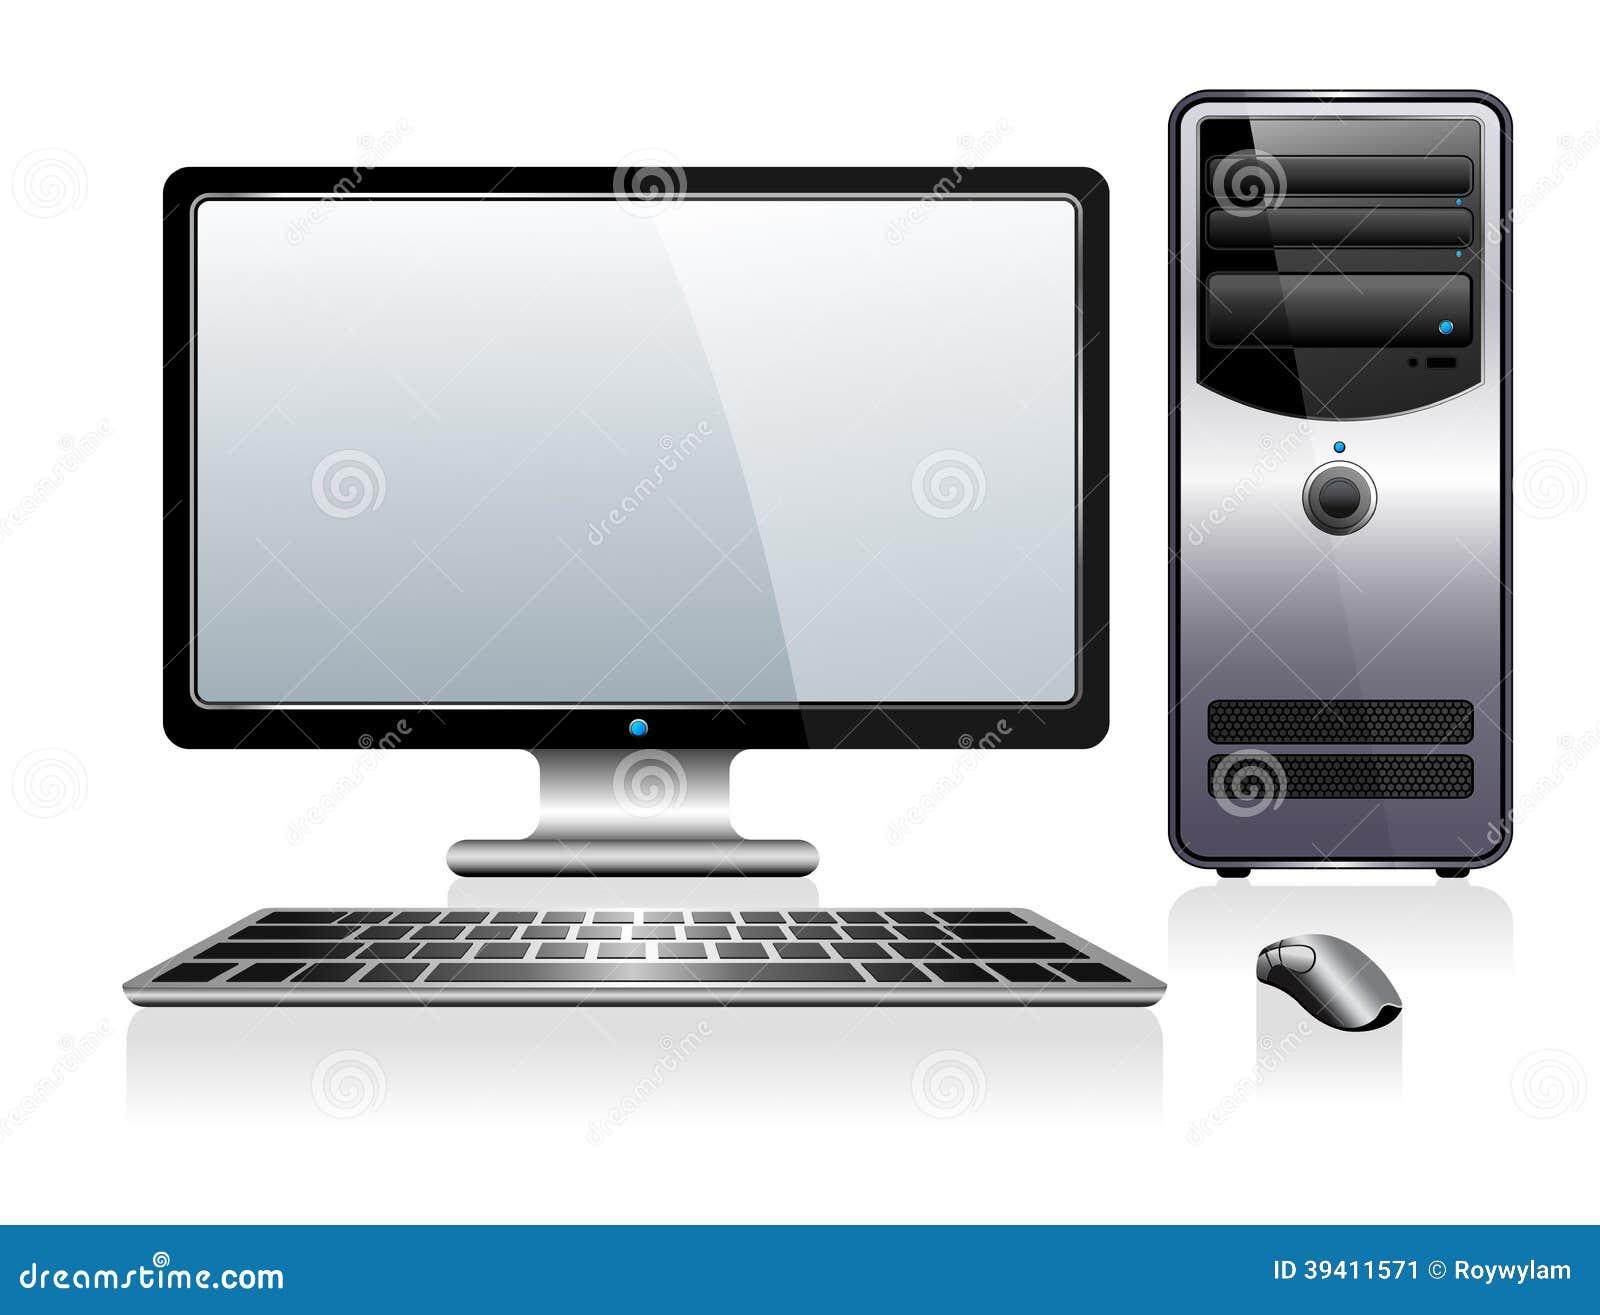 Computer Mit Monitor Tastatur Und Maus Vektor Abbildung